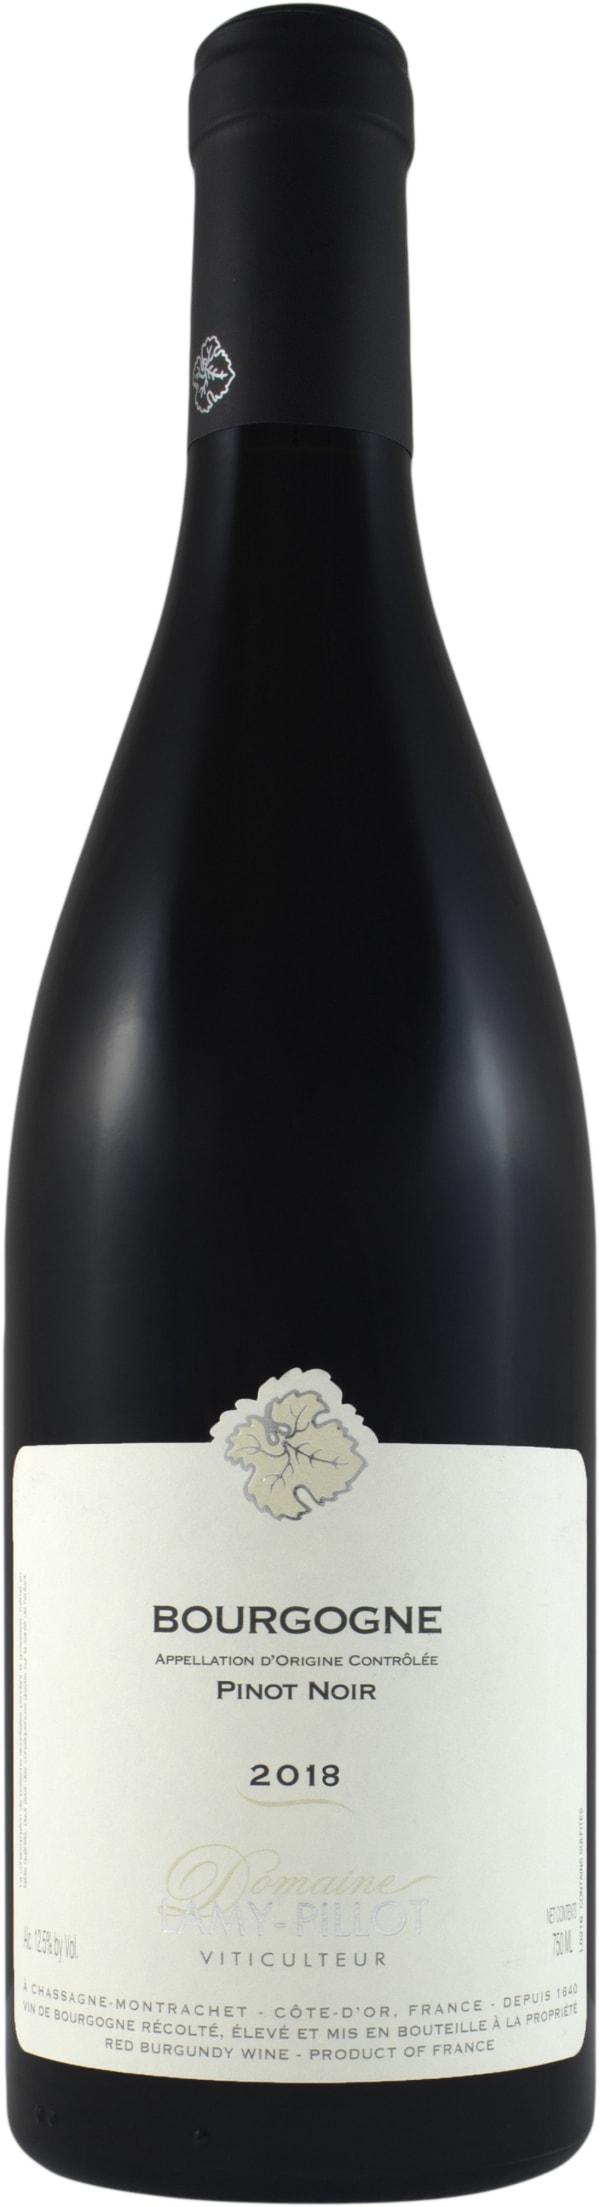 Lamy-Pillot Bourgogne Pinot Noir 2018